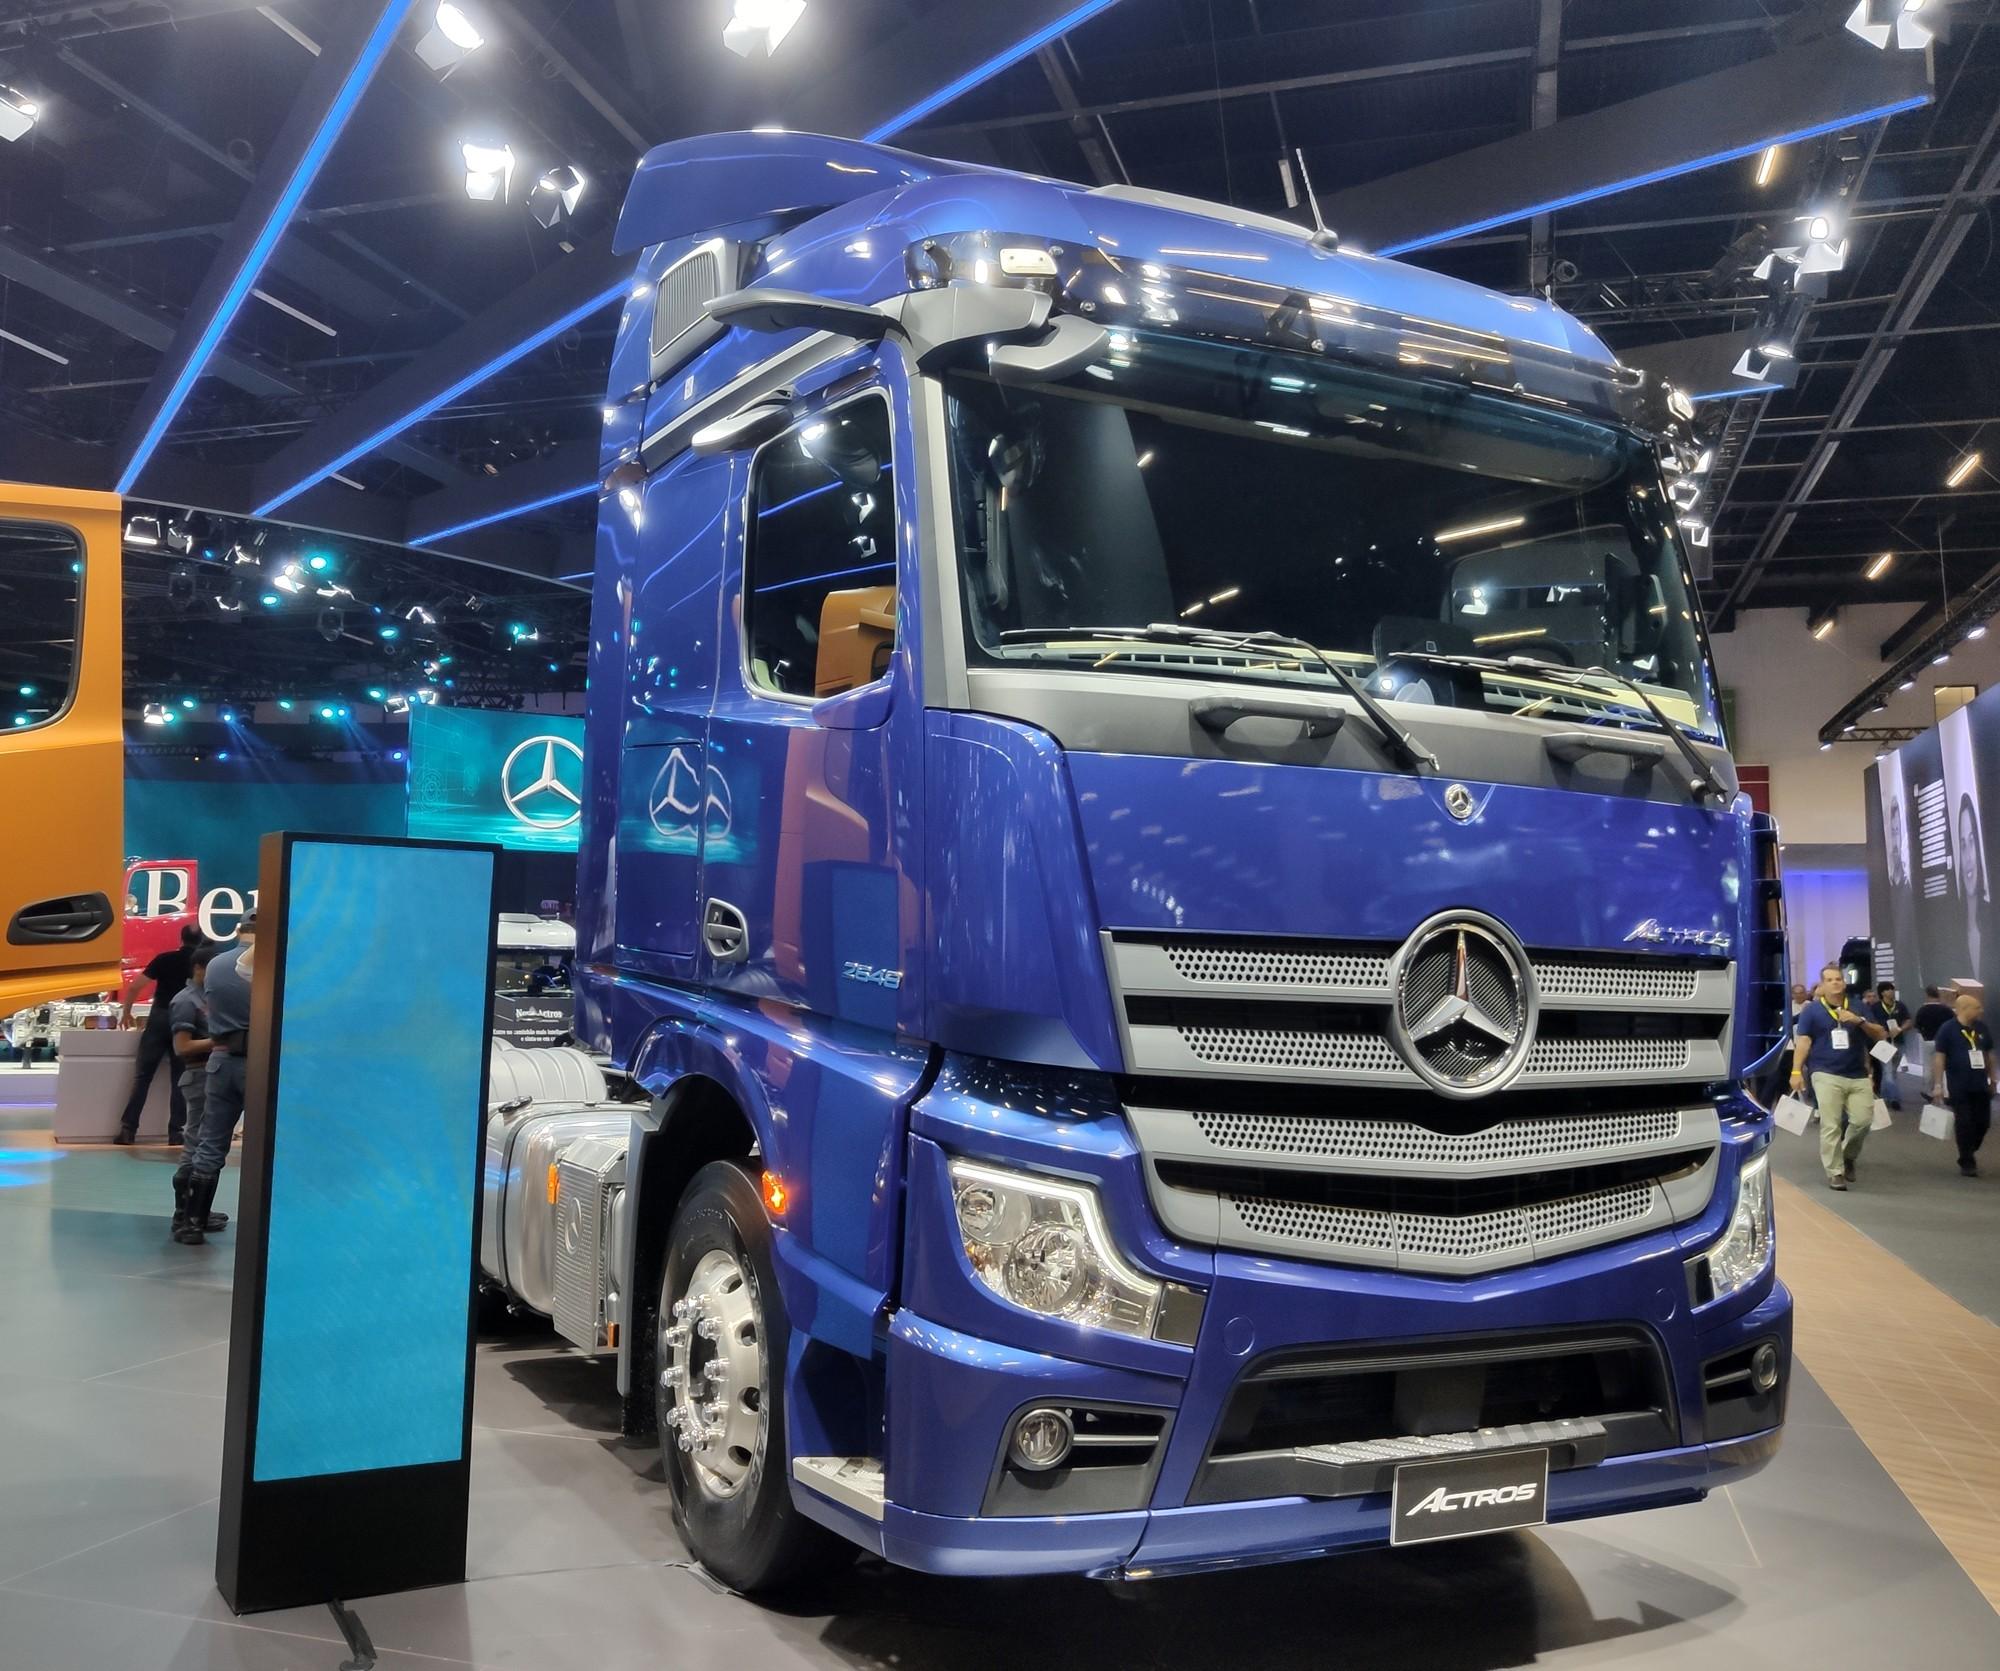 Caminhão é o 1º veículo do país sem retrovisor; veja destaques da maior feira de transportes do Brasil